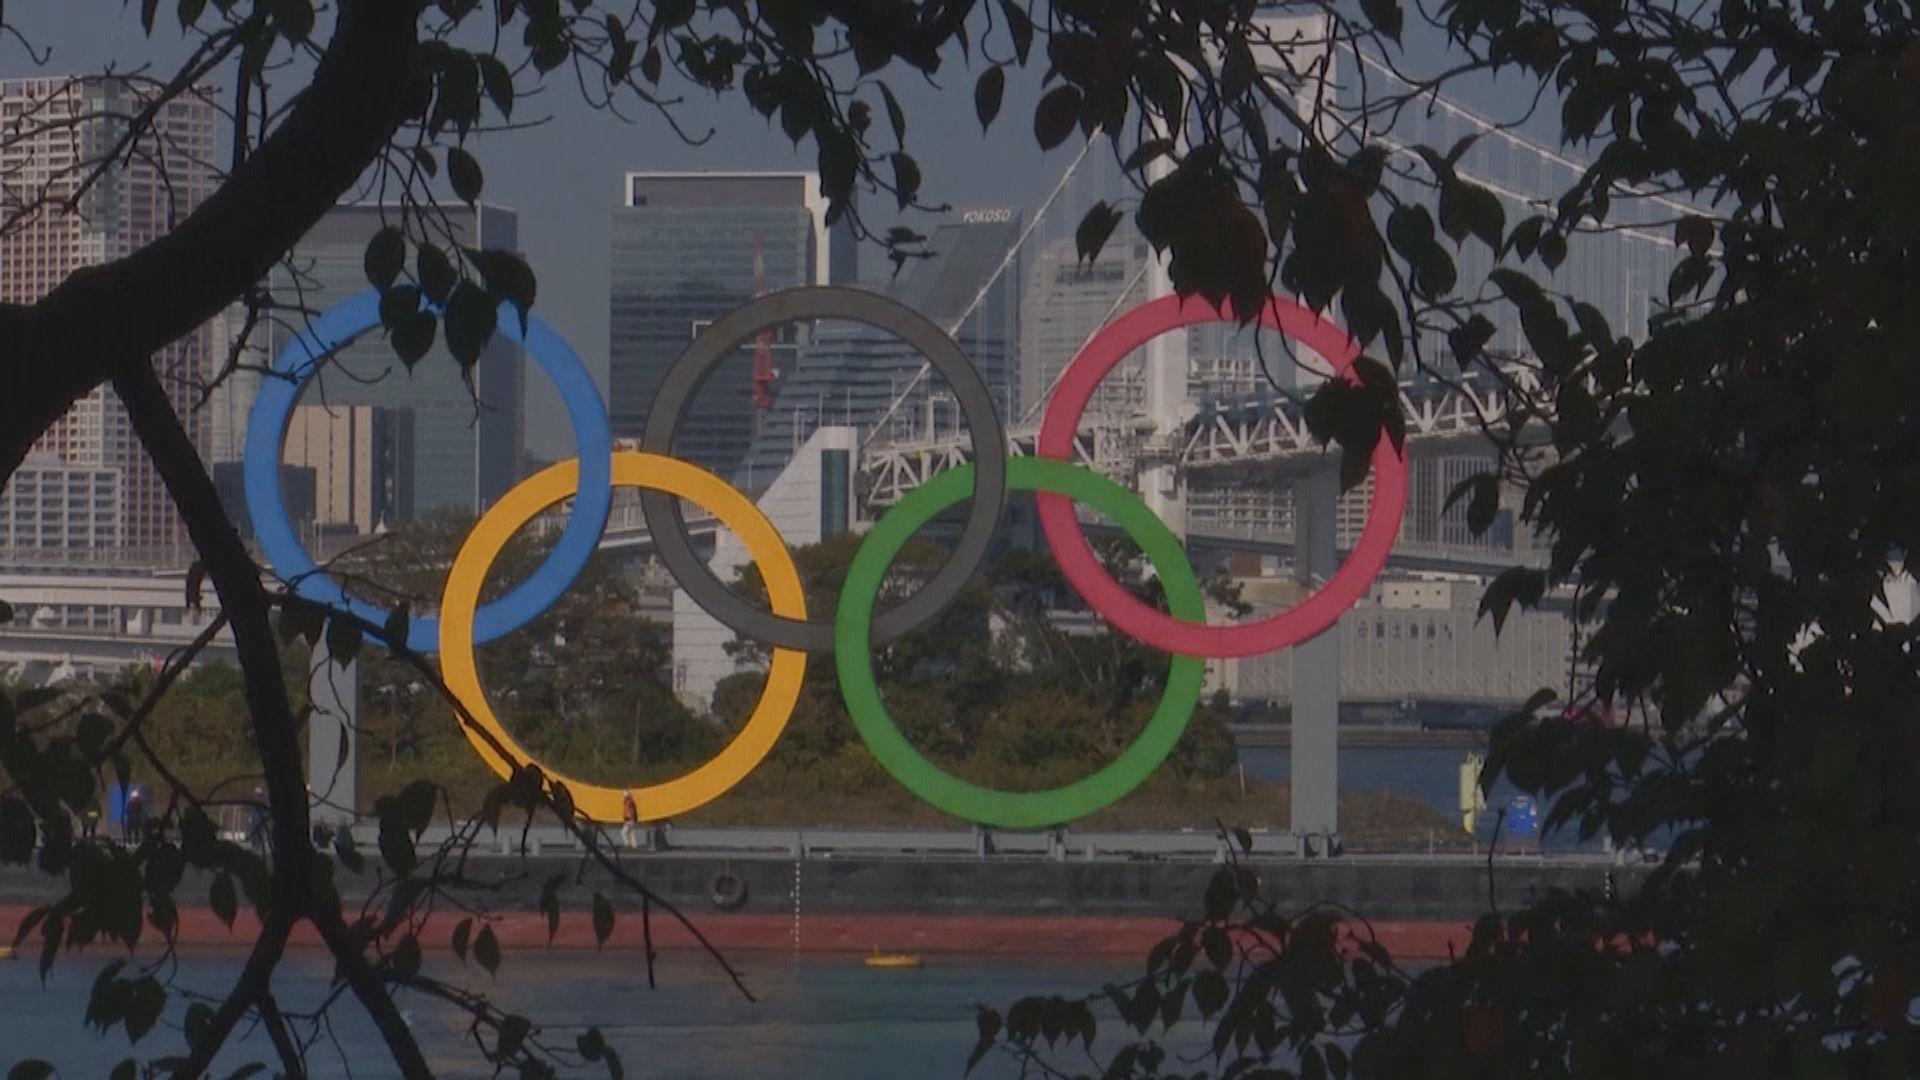 東京奧運及殘奧會將不接待海外觀眾 橋本聖子形容是不幸決定